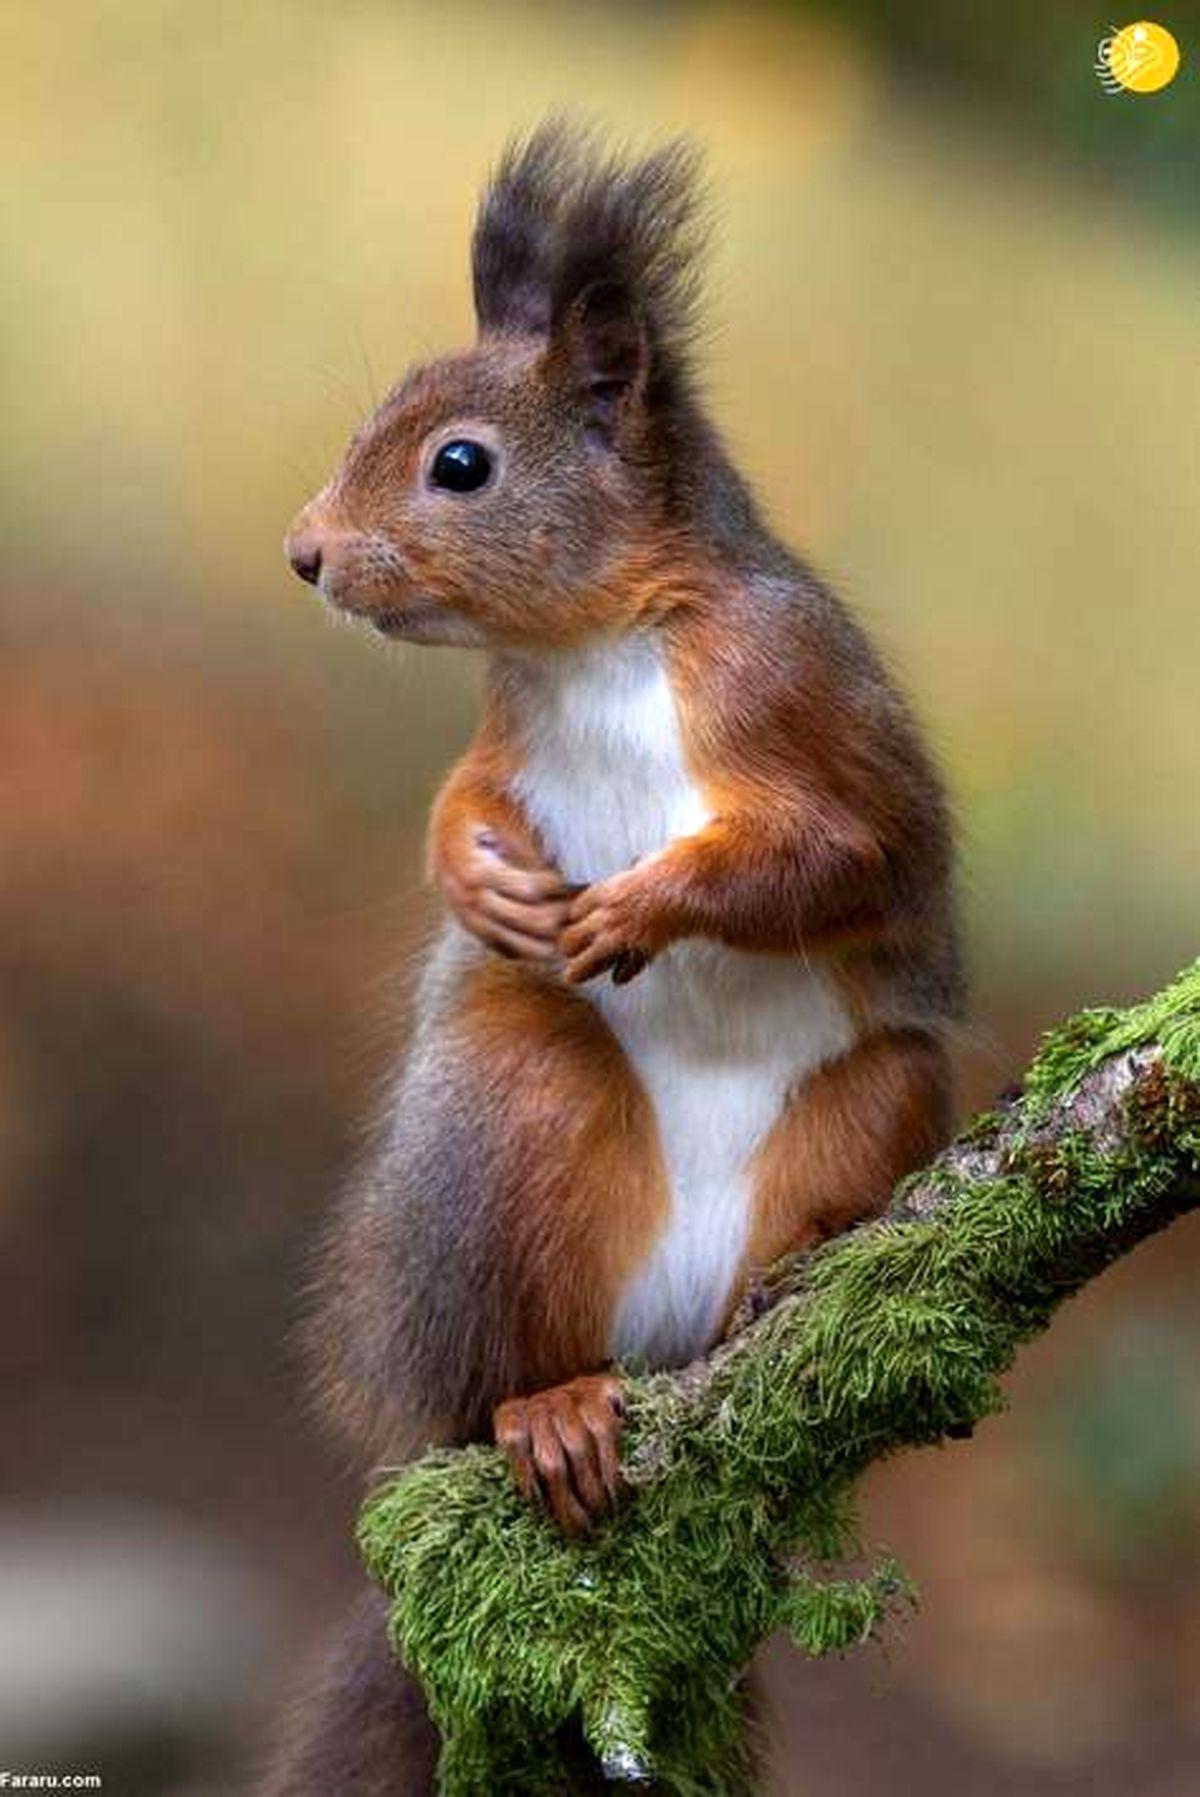 تصاویر خیره کننده از مسابقه عکاسی از پستانداران در سال ۲۰۲۱